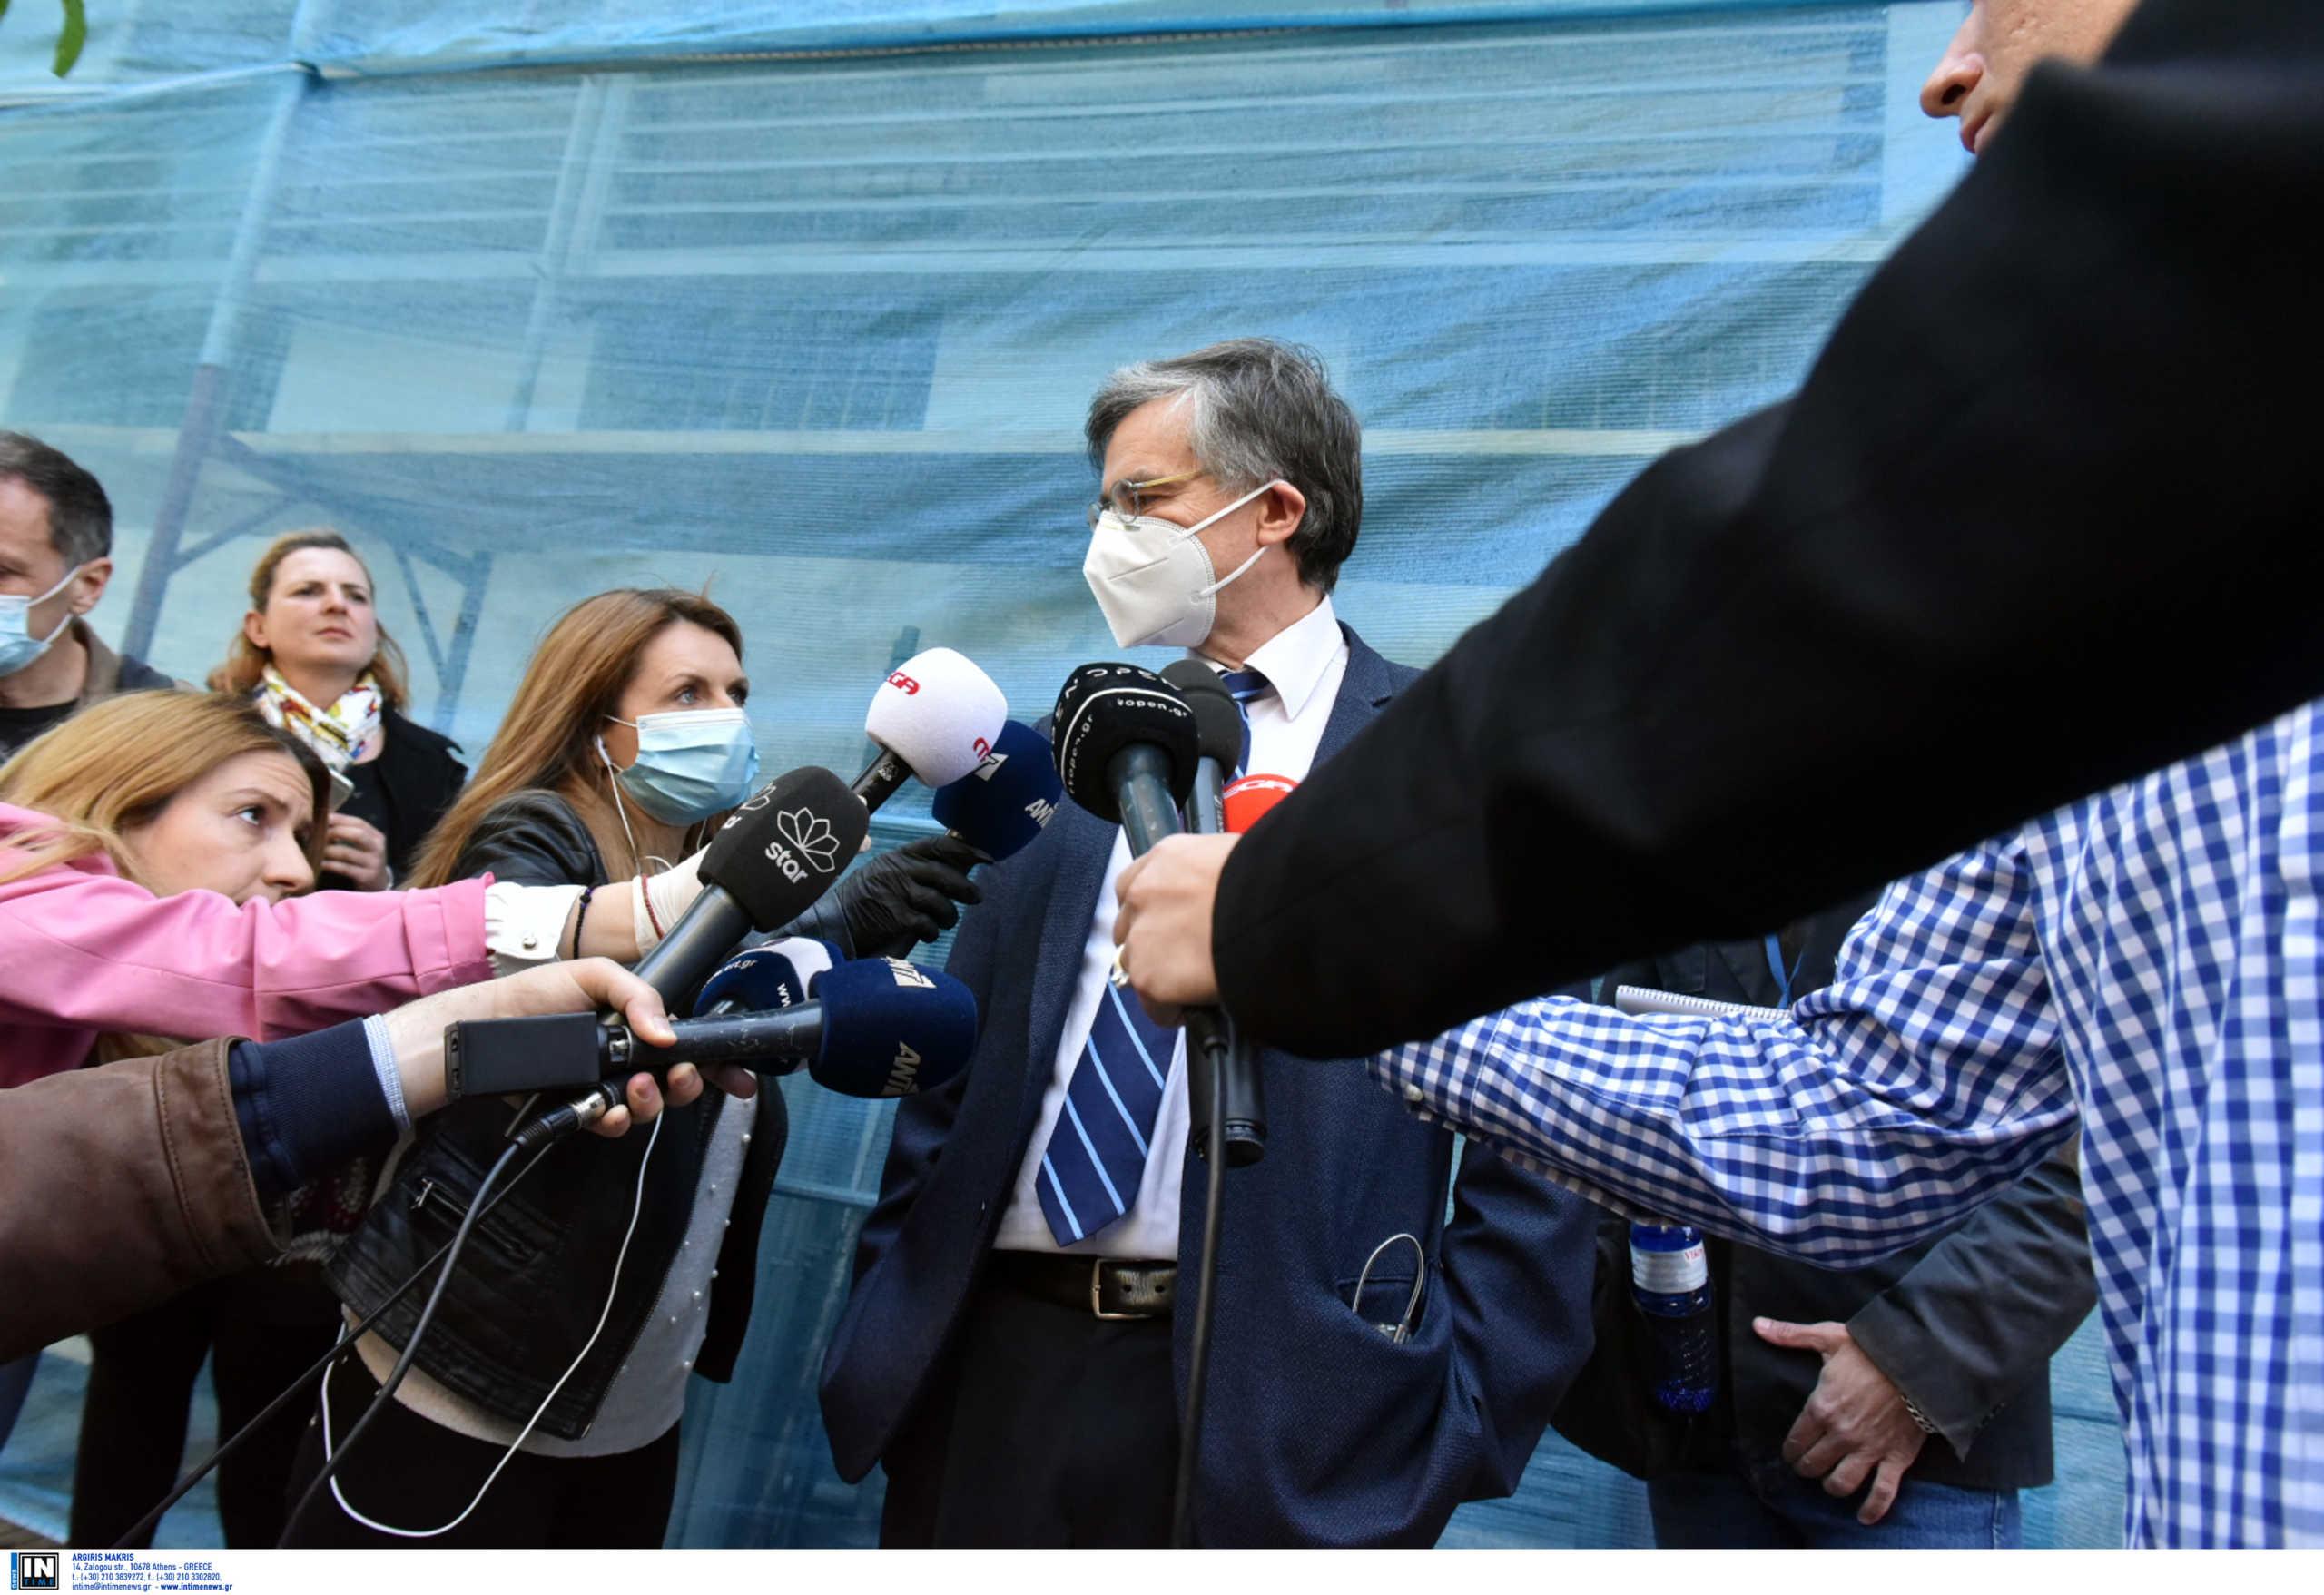 Τσιόδρας από κλινική Ταξιάρχαι: «Από τους 226 οι 37 είναι θετικοί στον κορονοϊό ανάμεσά τους και οι 3 νεκροί»